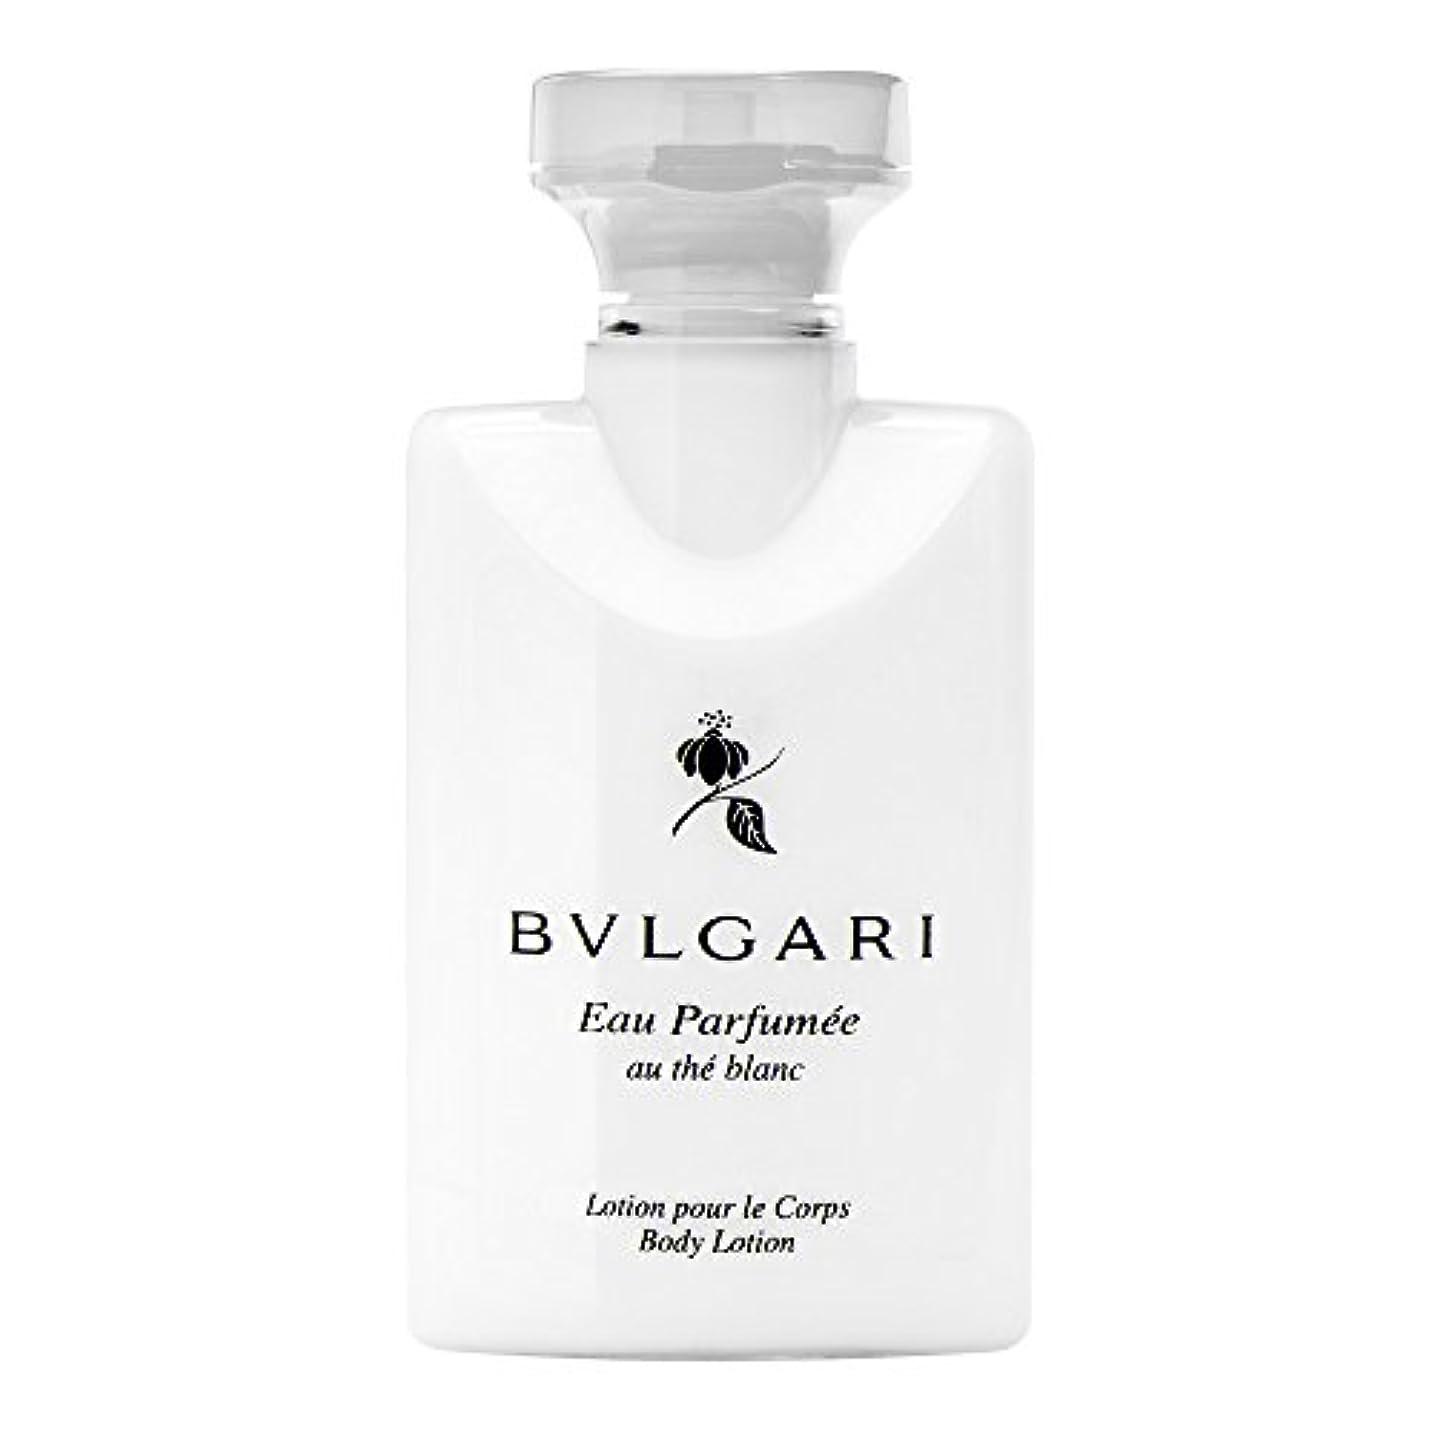 報酬の稚魚埋め込むBvlgari Eau Parfumee Au The Blanc (ブルガリ オー パフュ-メ オウ ブラン) 2.5 oz (75ml) Body Lotion ボディーローション